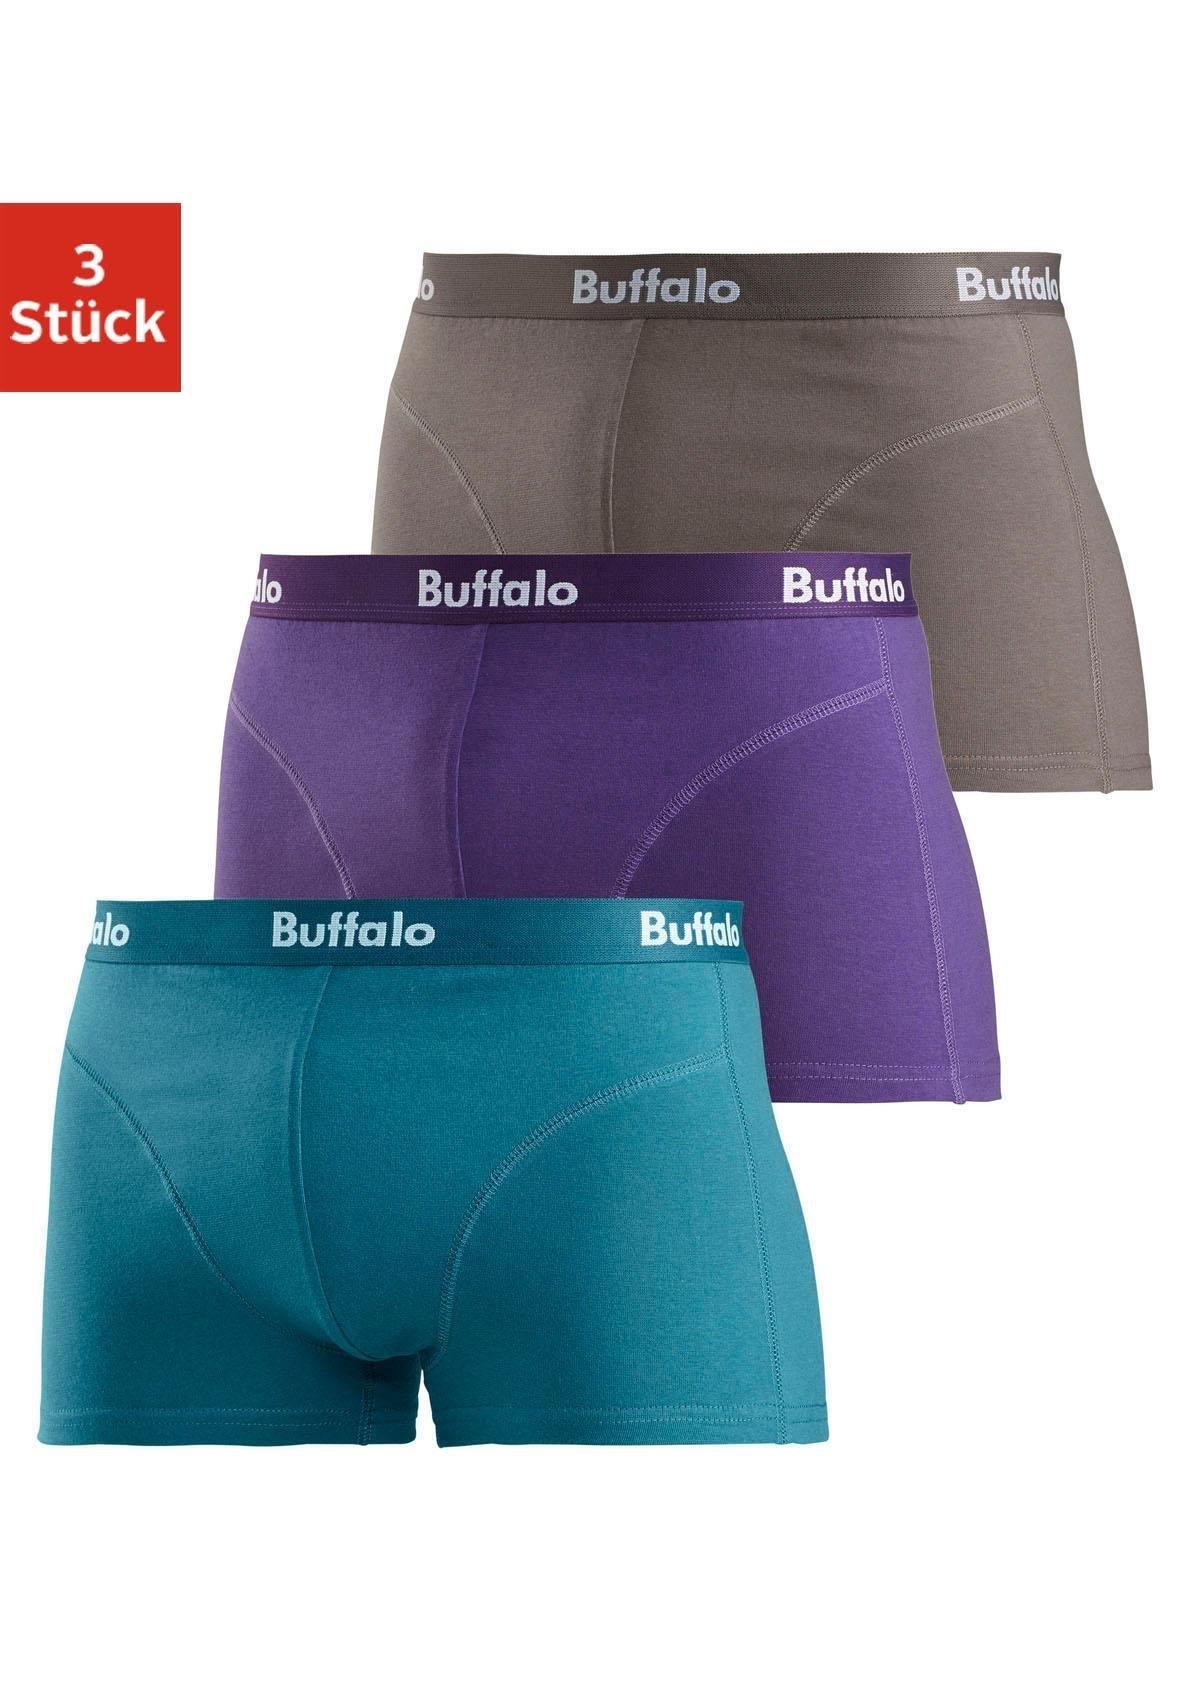 Buffalo Boxer, katoen-stretchkwaliteit, set van 3 voordelig en veilig online kopen